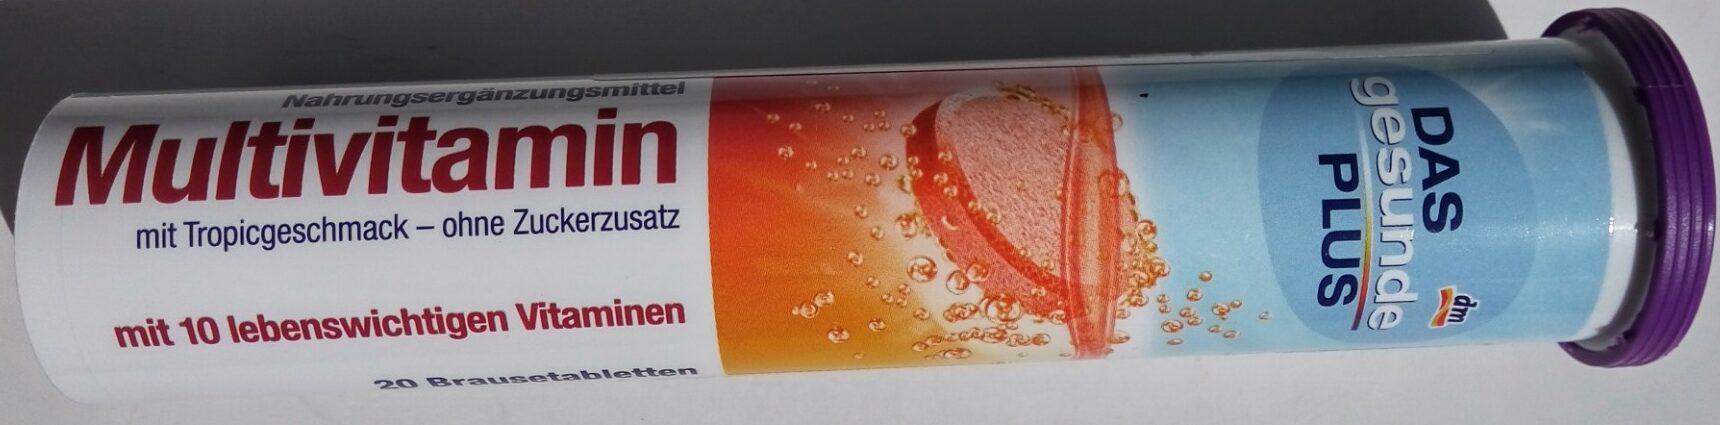 Multivitamin - Produkt - de